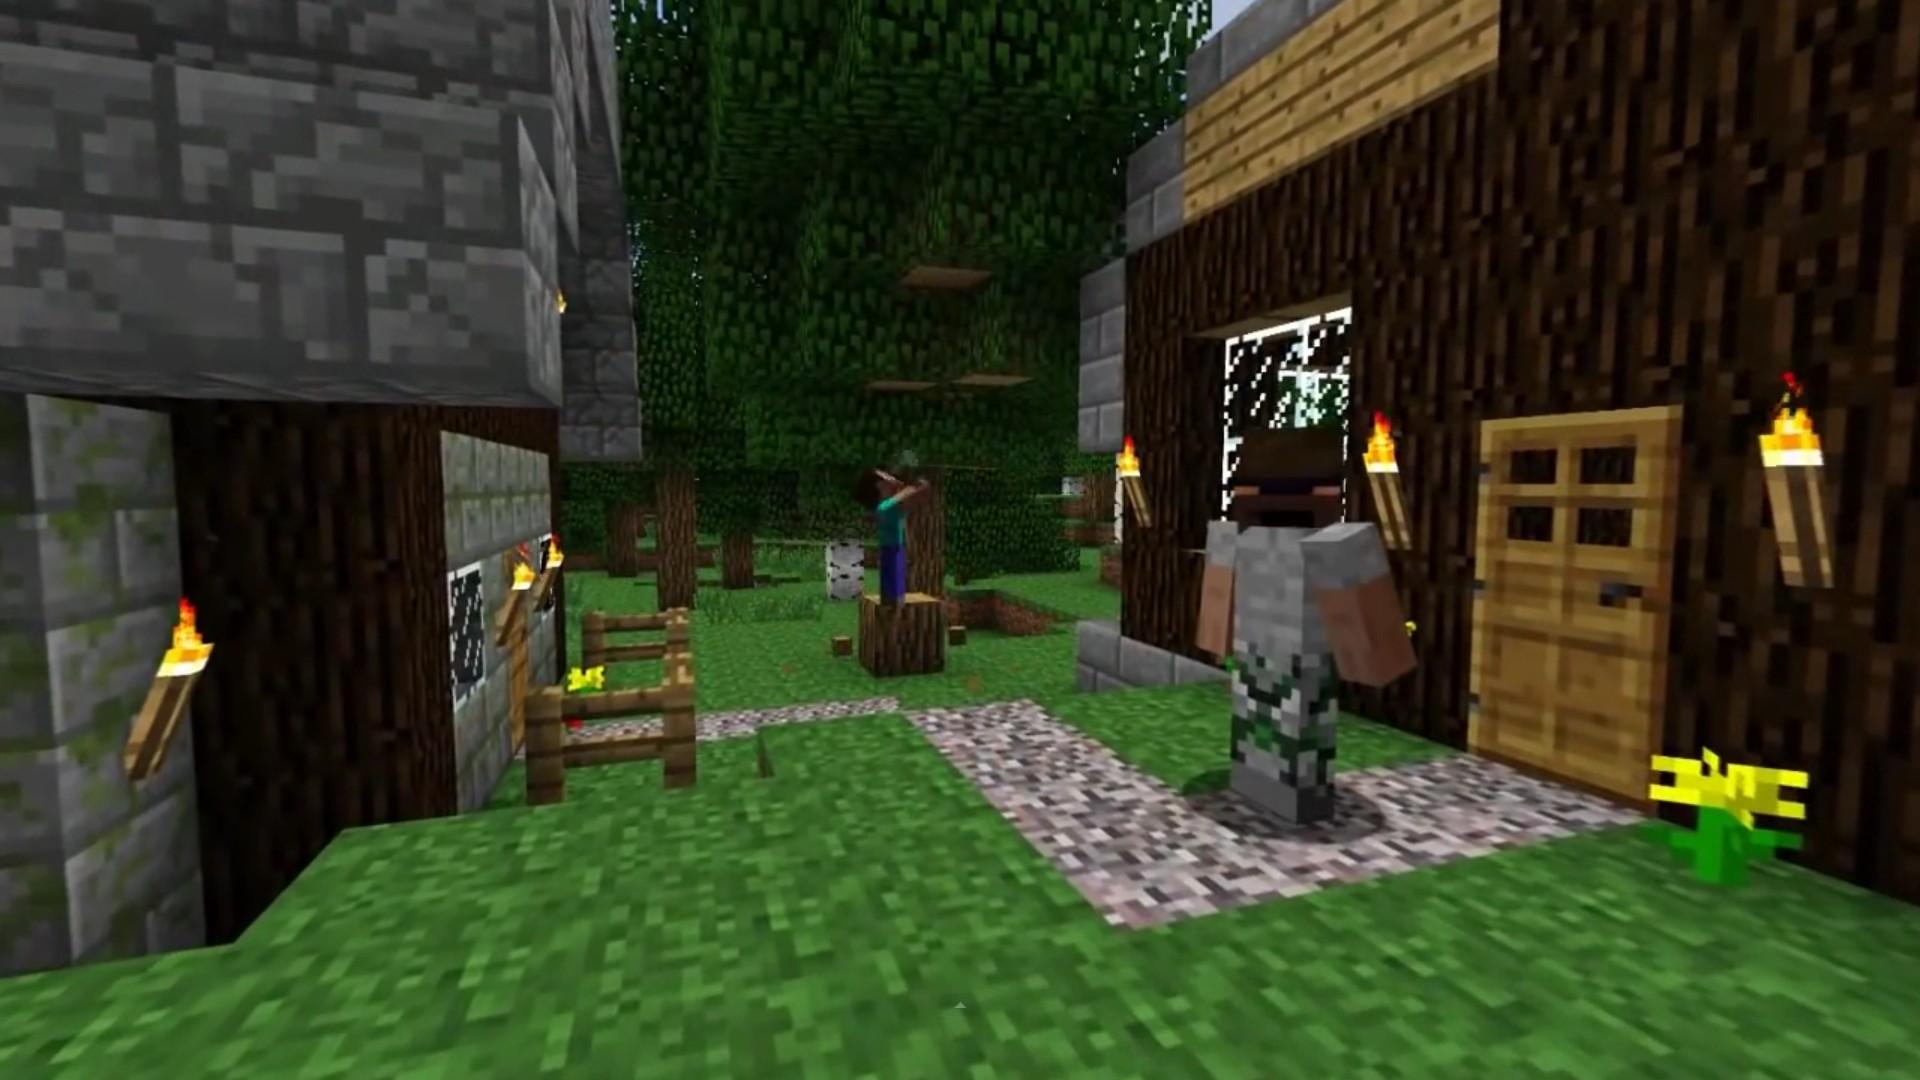 Casino Spiele Online Spielen Casino Spiele Kostenlos Ohne Anmeldung - Minecraft kostenlos spielen ohne zu downloaden